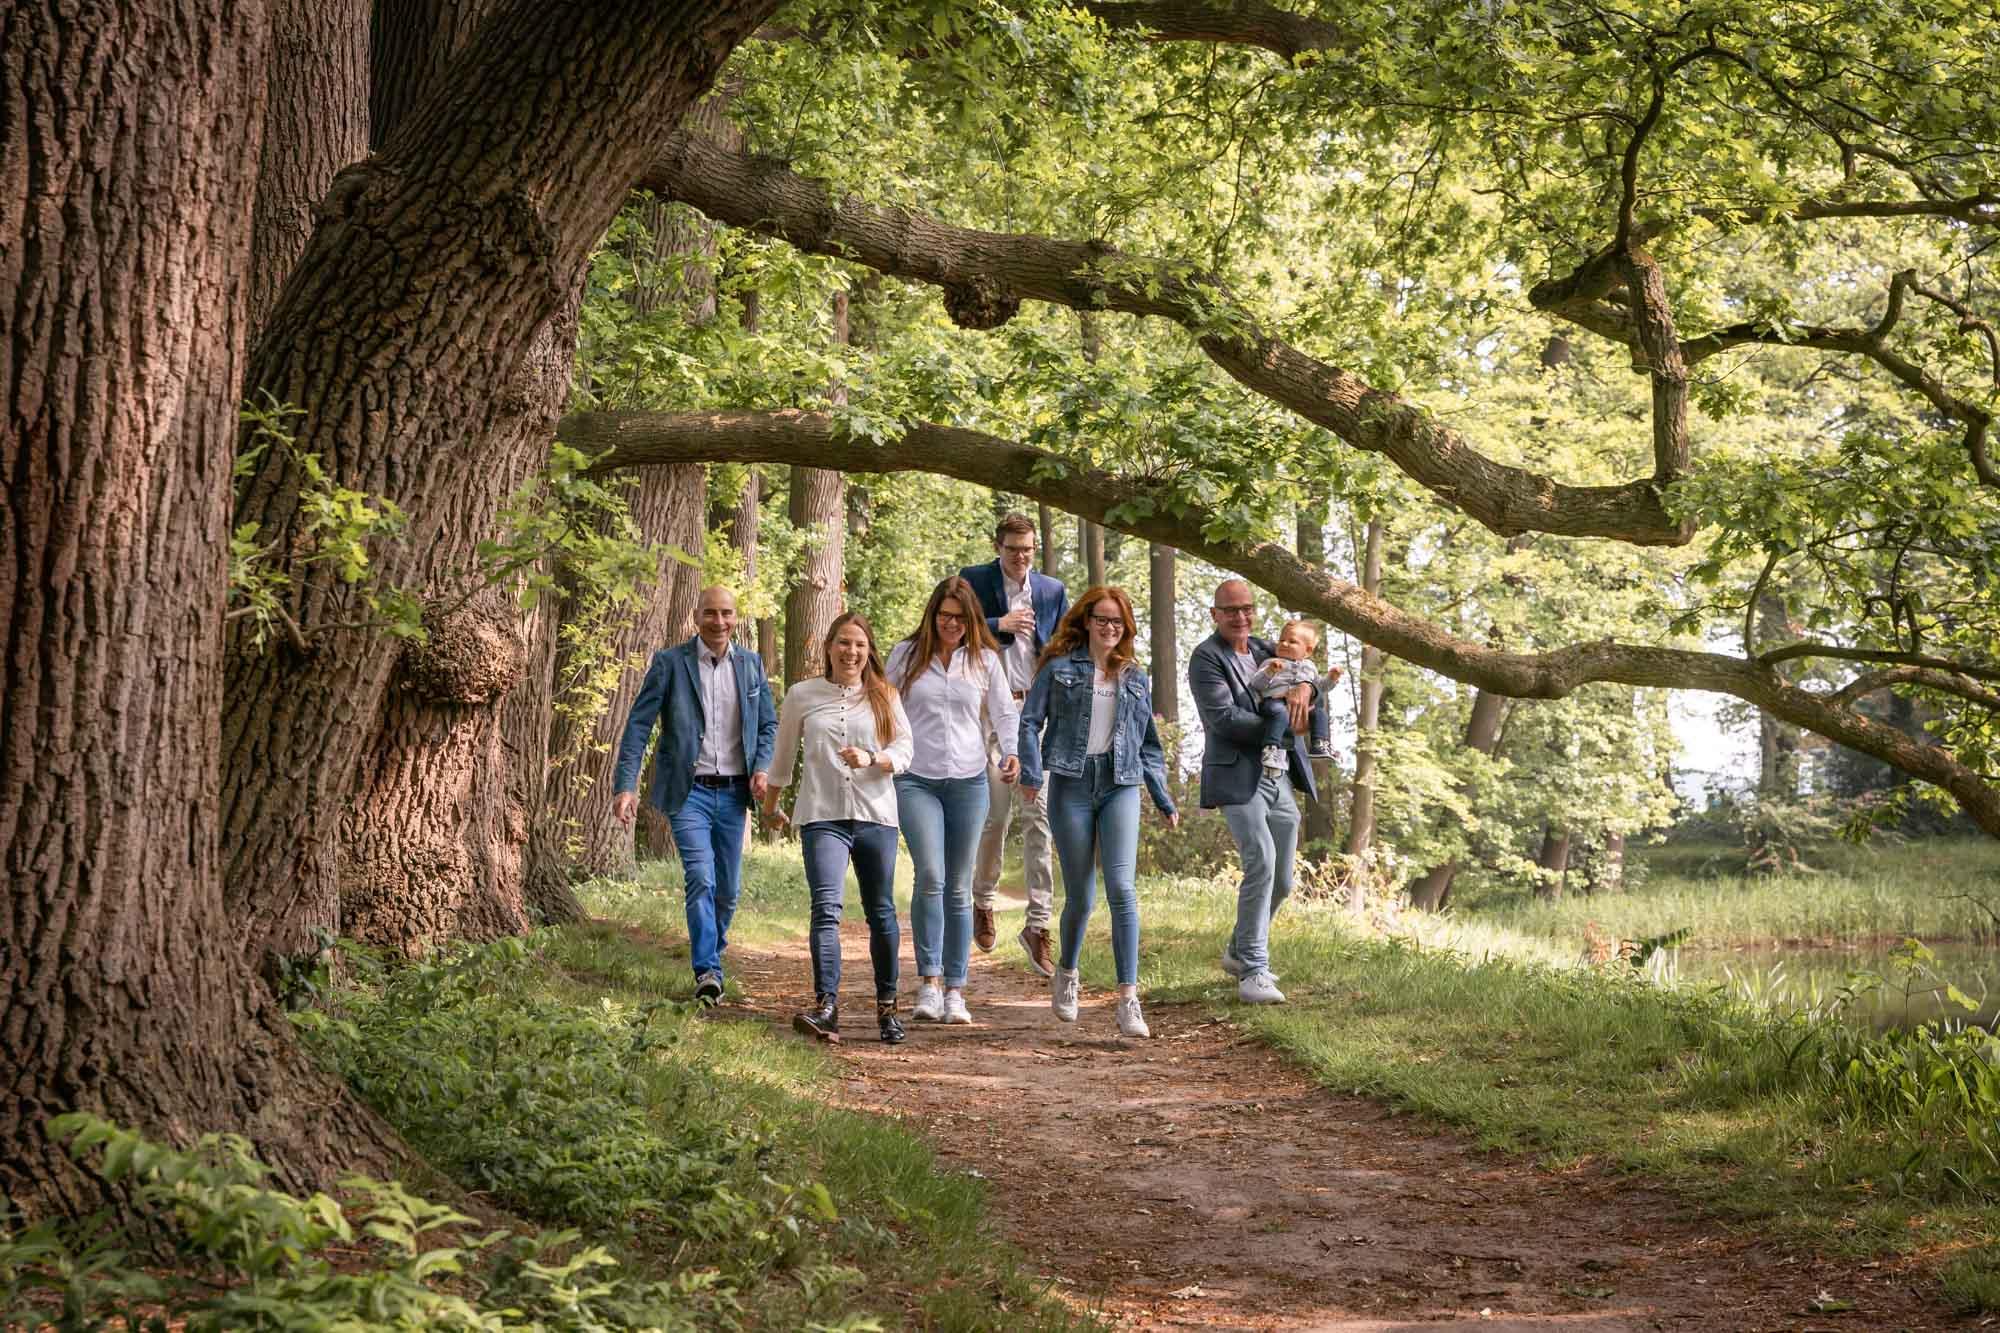 Gezinsfotograaf in Amersfoort, Nijkerk, Hoevelaken en omgeving, voor gezinsreportage. Gezinsfotoshoot door Mayra Fotografie. Fotoshoot bij Oldenaller te Putten.